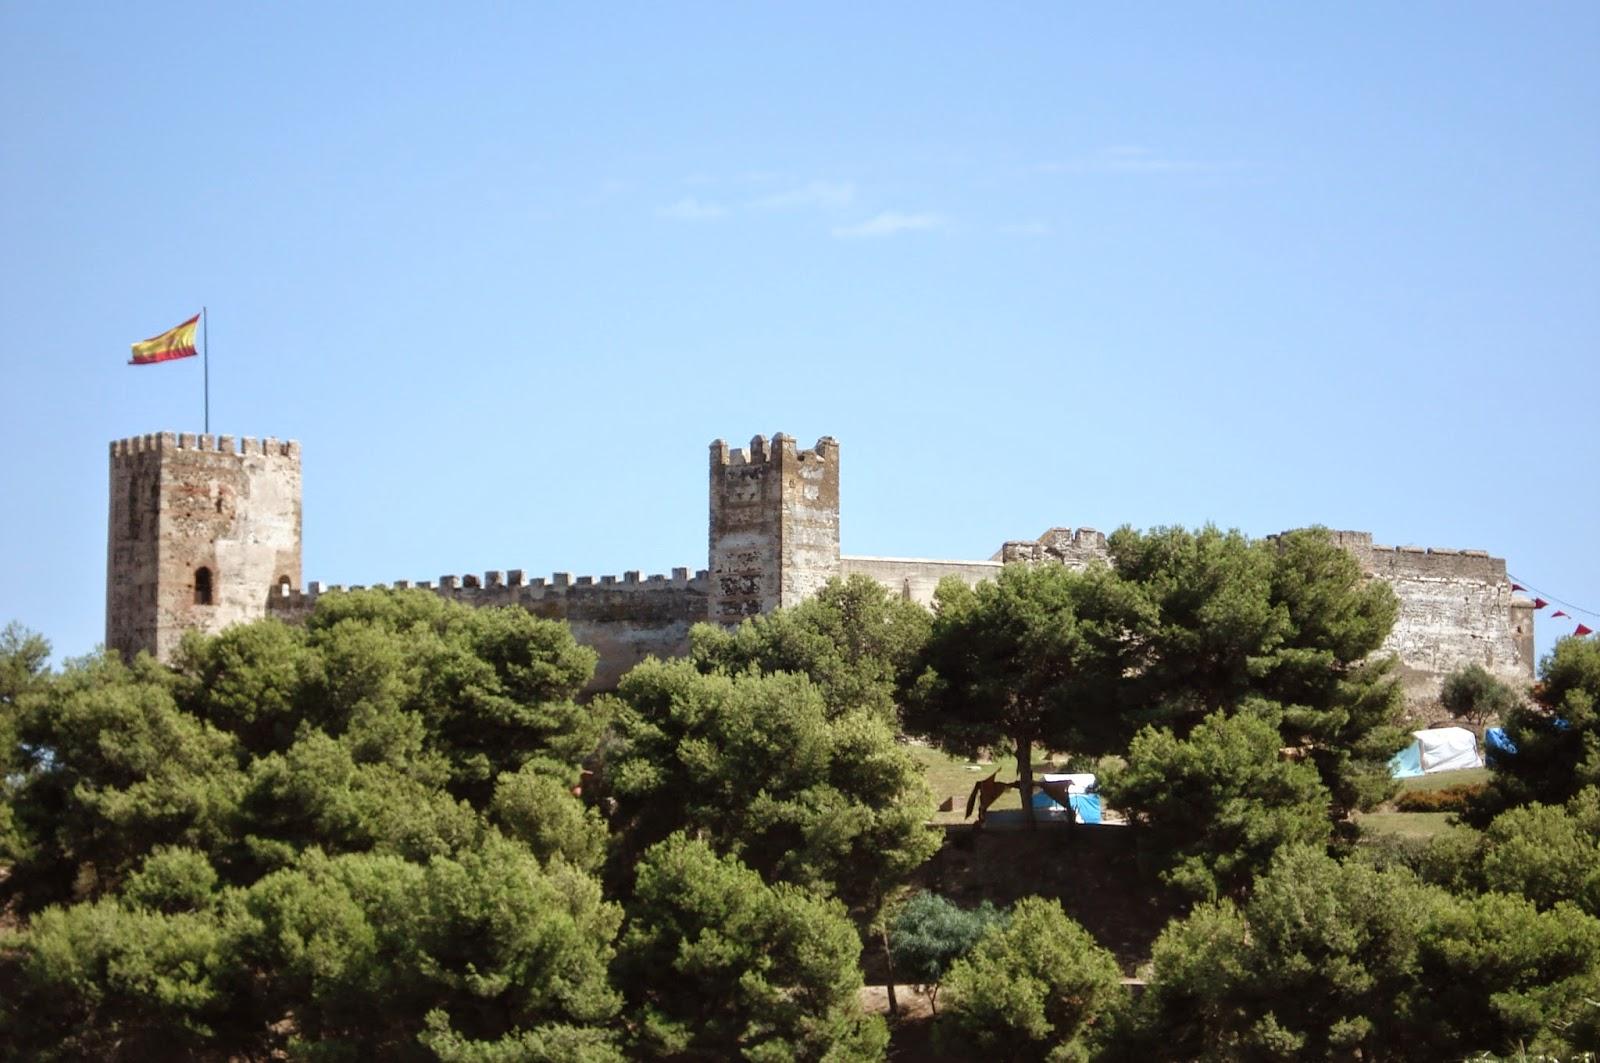 تعرف على مدينة فوينجيرولا في اسبانيا